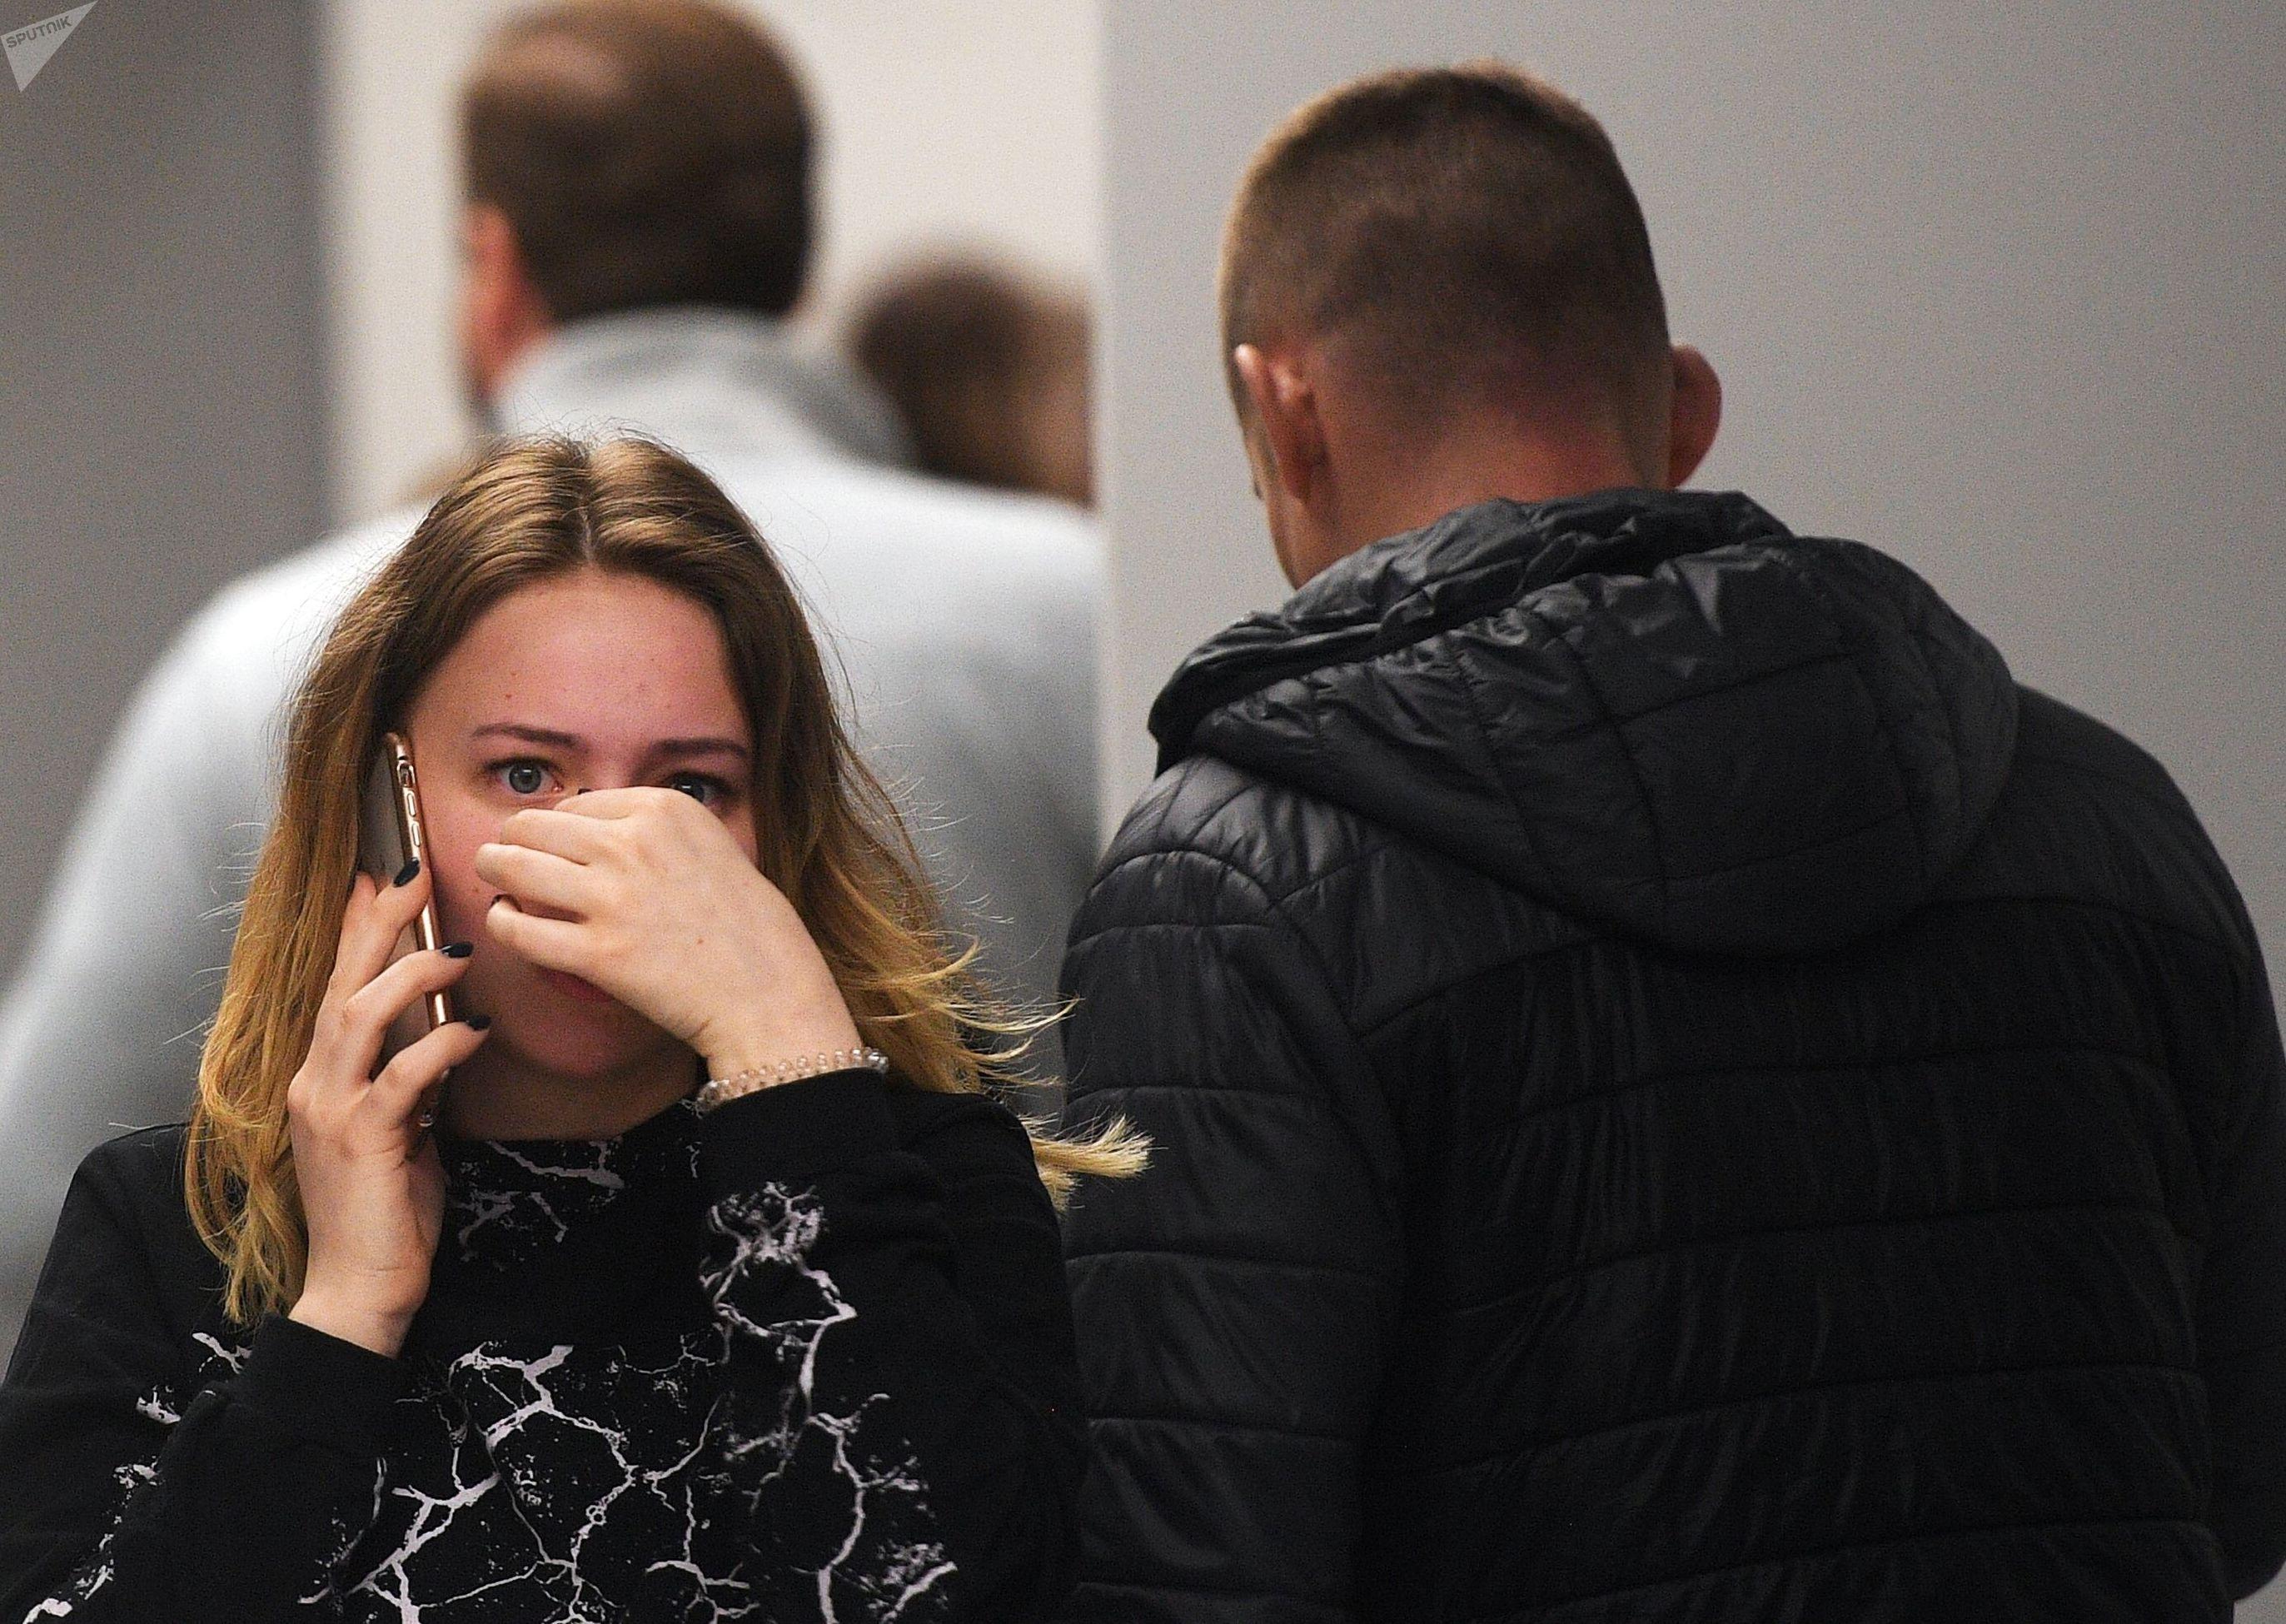 Люди возле комнаты психологической помощи, организованной для родственников и пассажиров самолета авиакомпании Аэрофлот Superjet 100